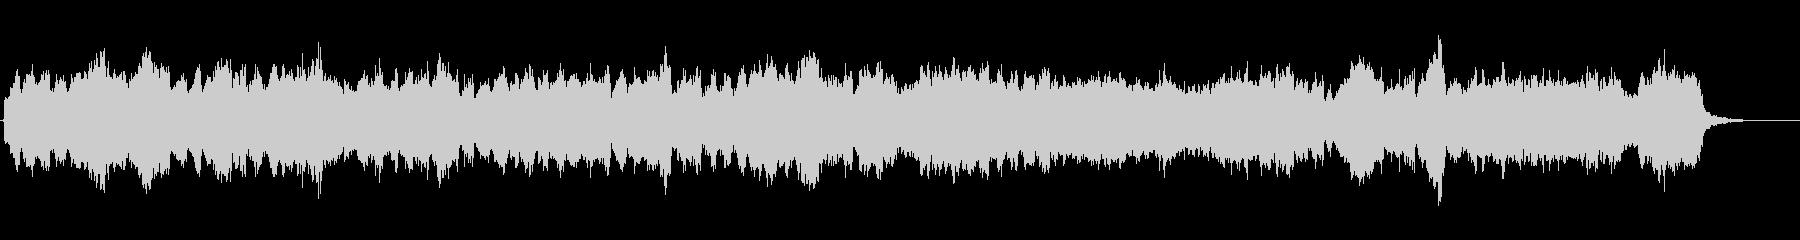 バロック時代風弦楽三重奏オリジナル曲の未再生の波形